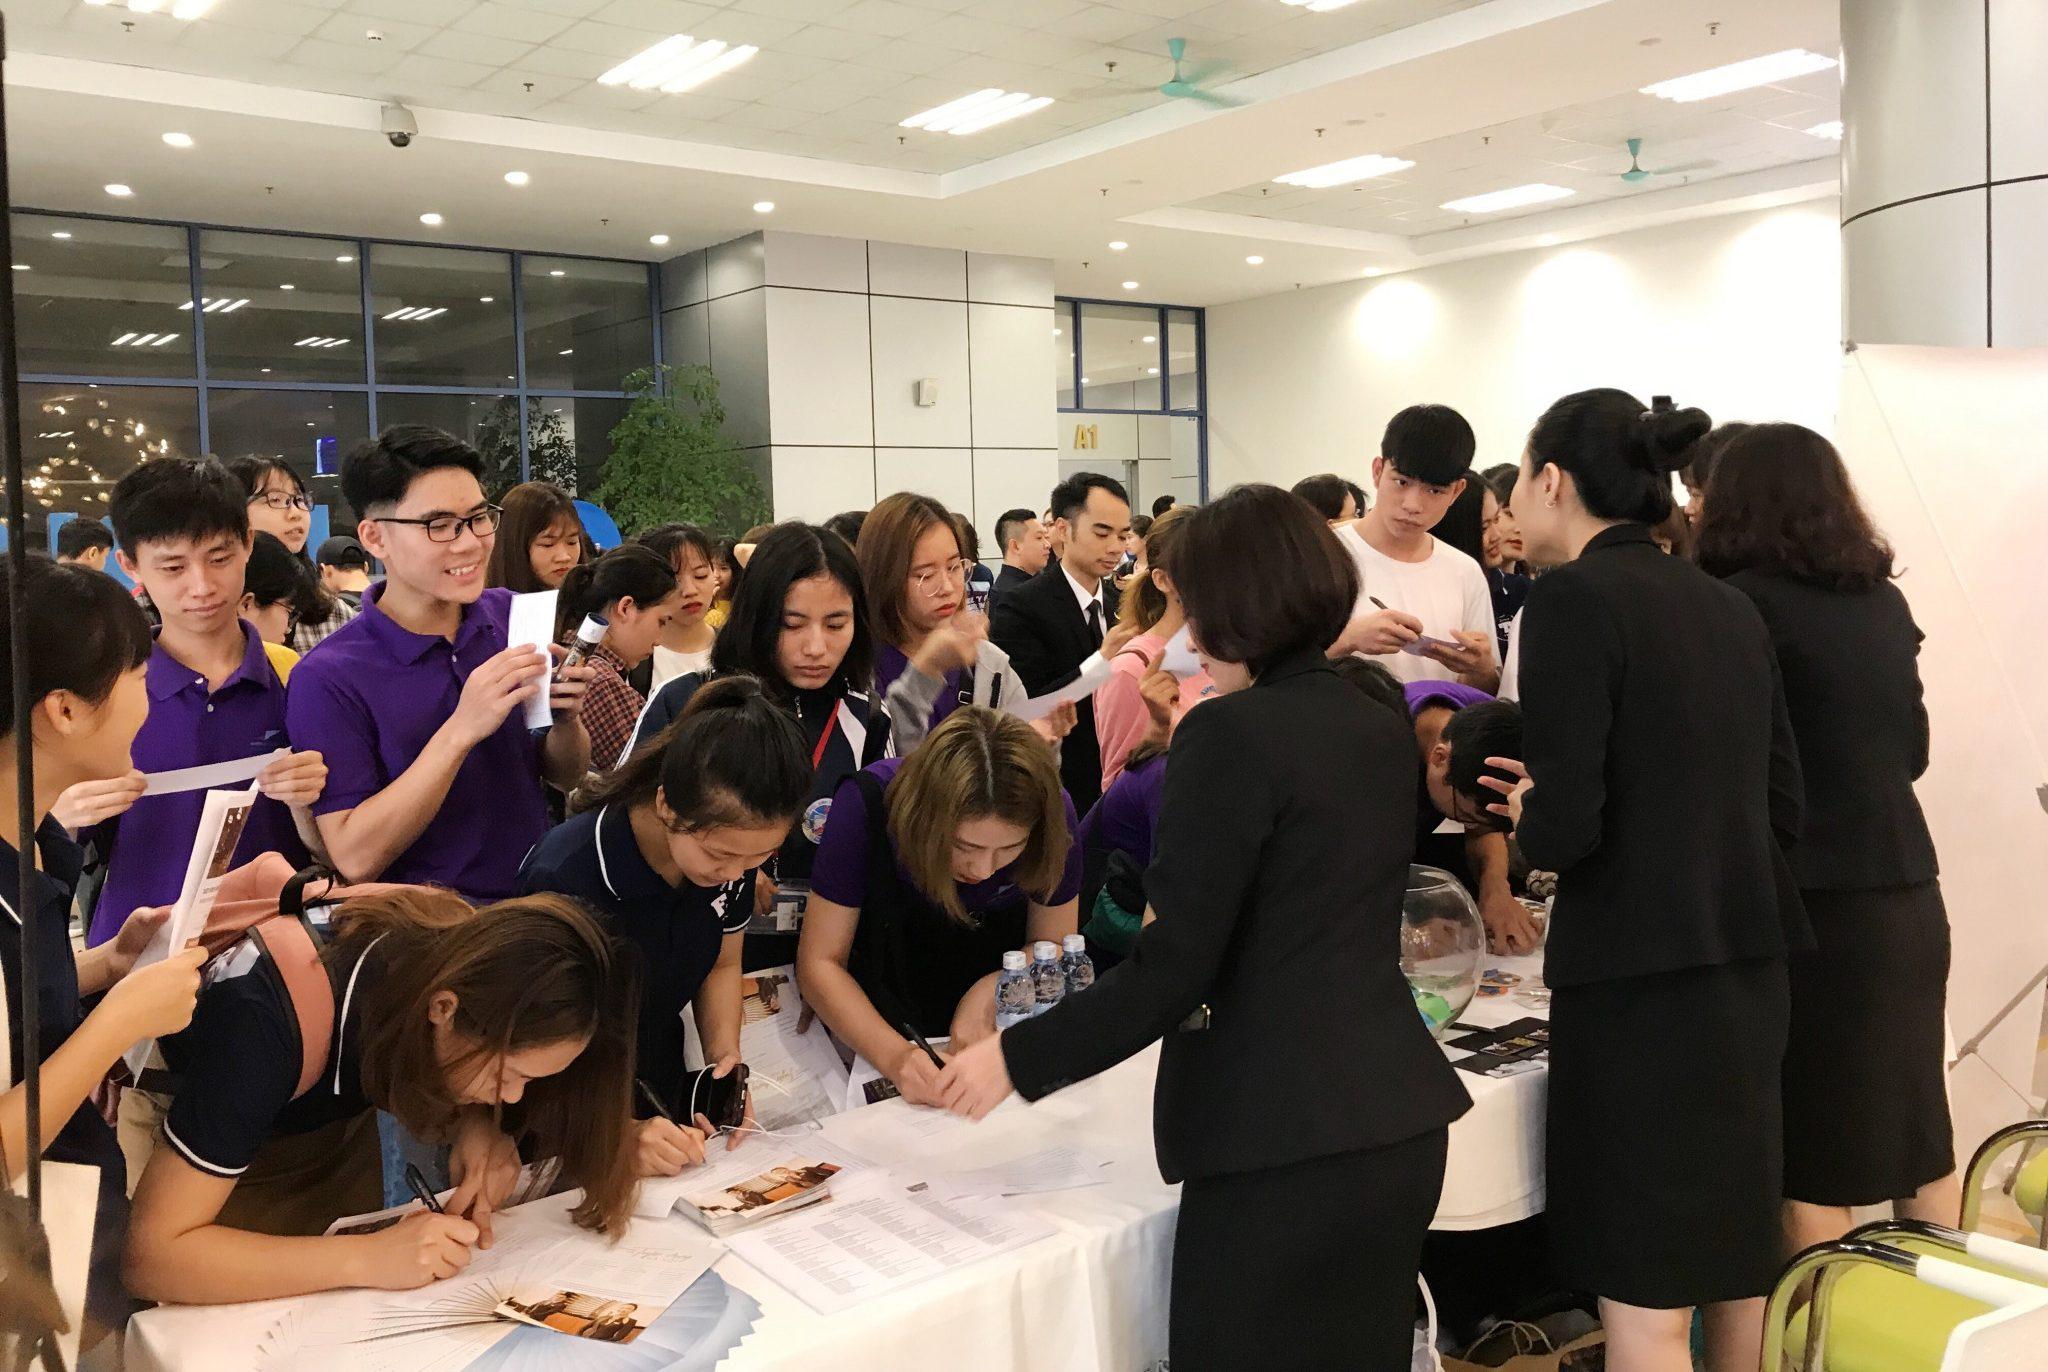 Gian thông tin của Tập đoàn Khách sạn Mường Thanh nhận được sự quan tâm đặc biệt của các bạn sinh sinh viên.